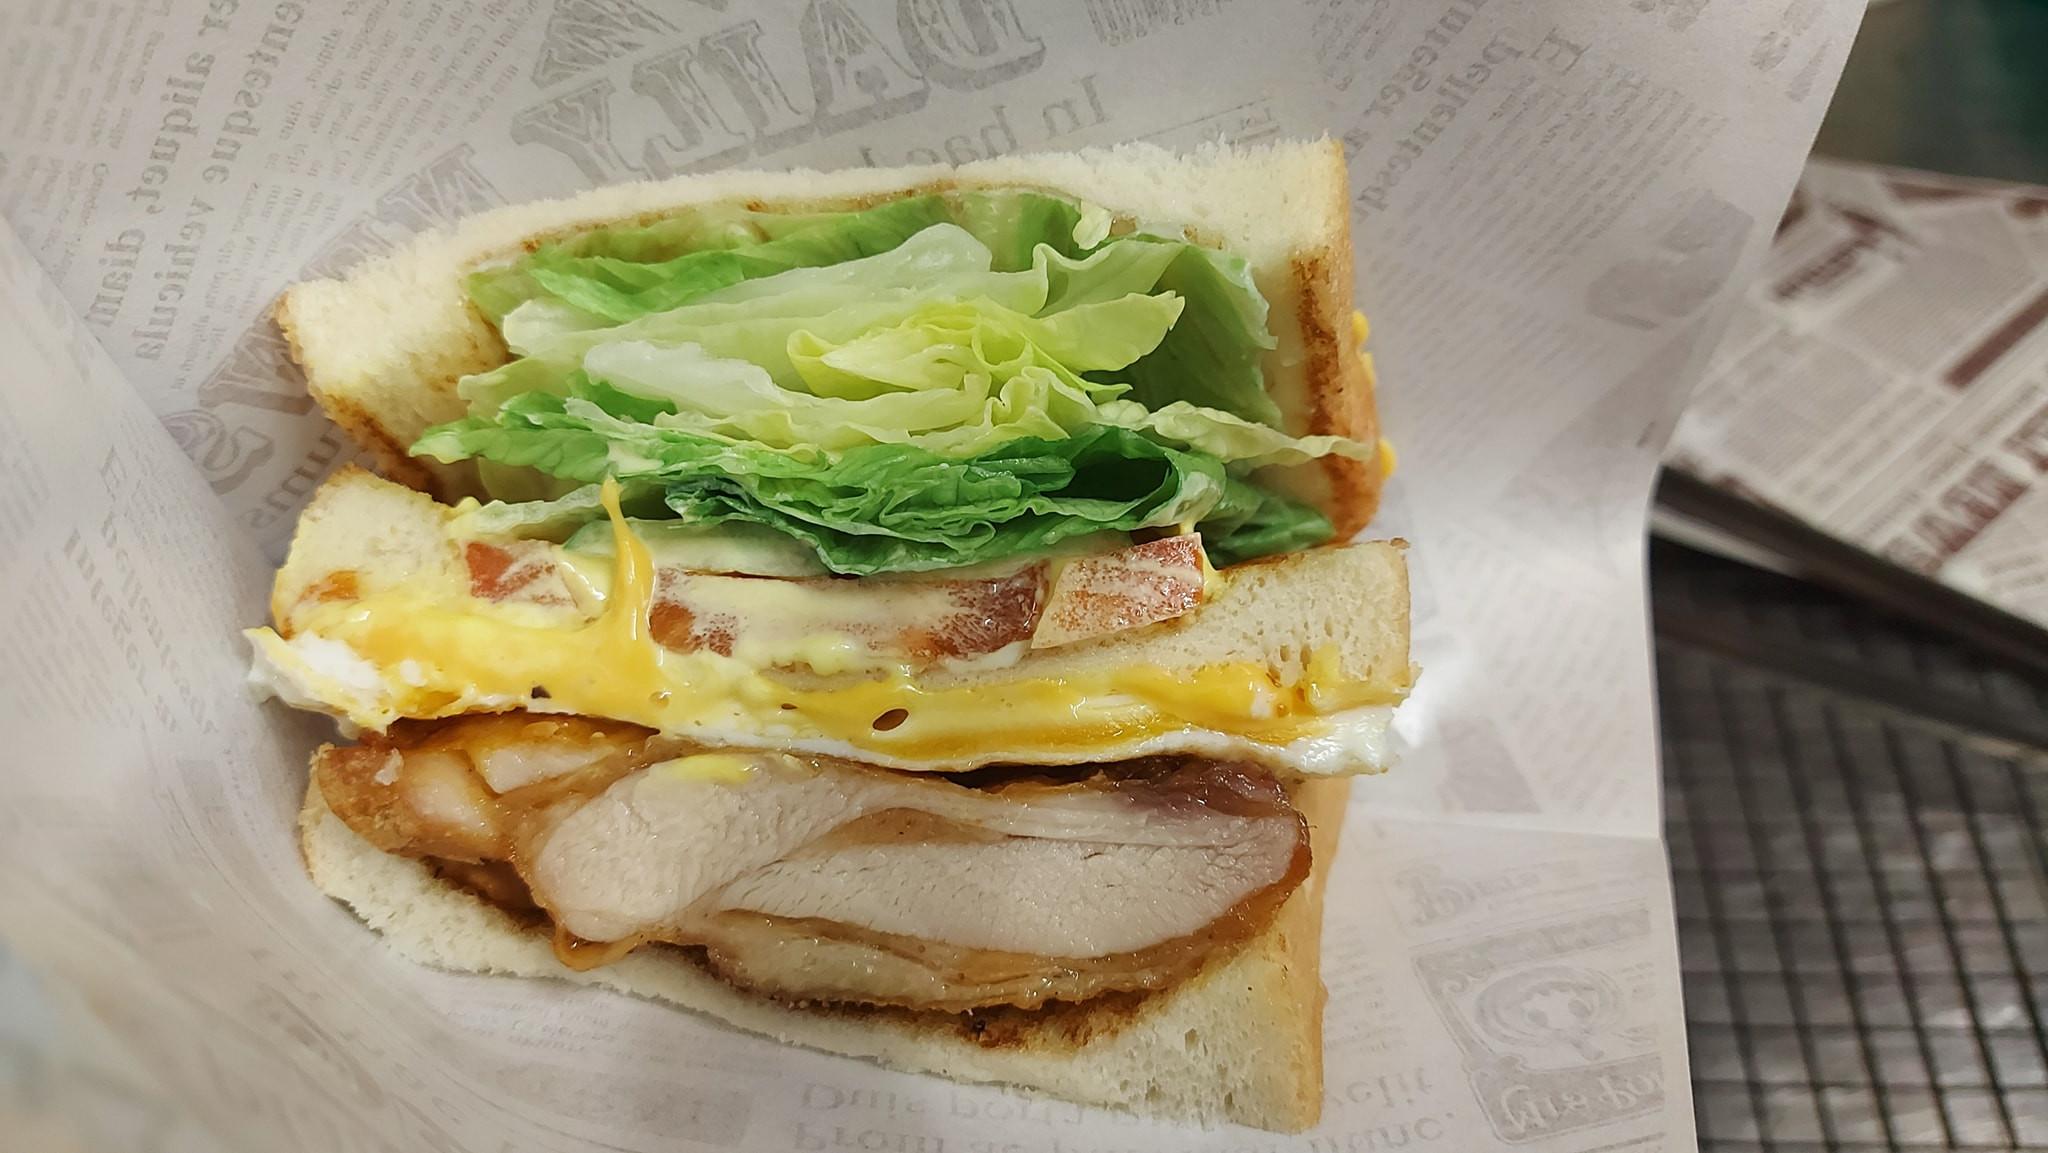 泰式檸檬雞腿三明治